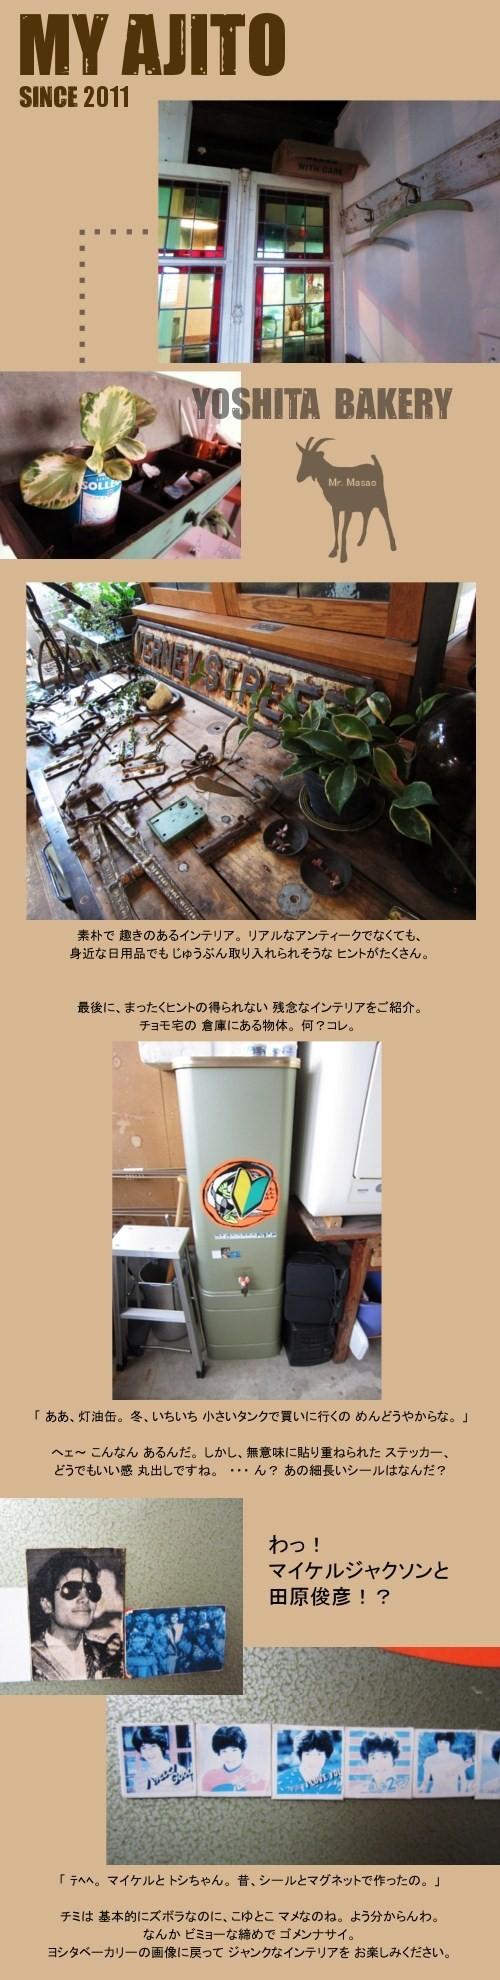 chomo_yoshita_6.jpg